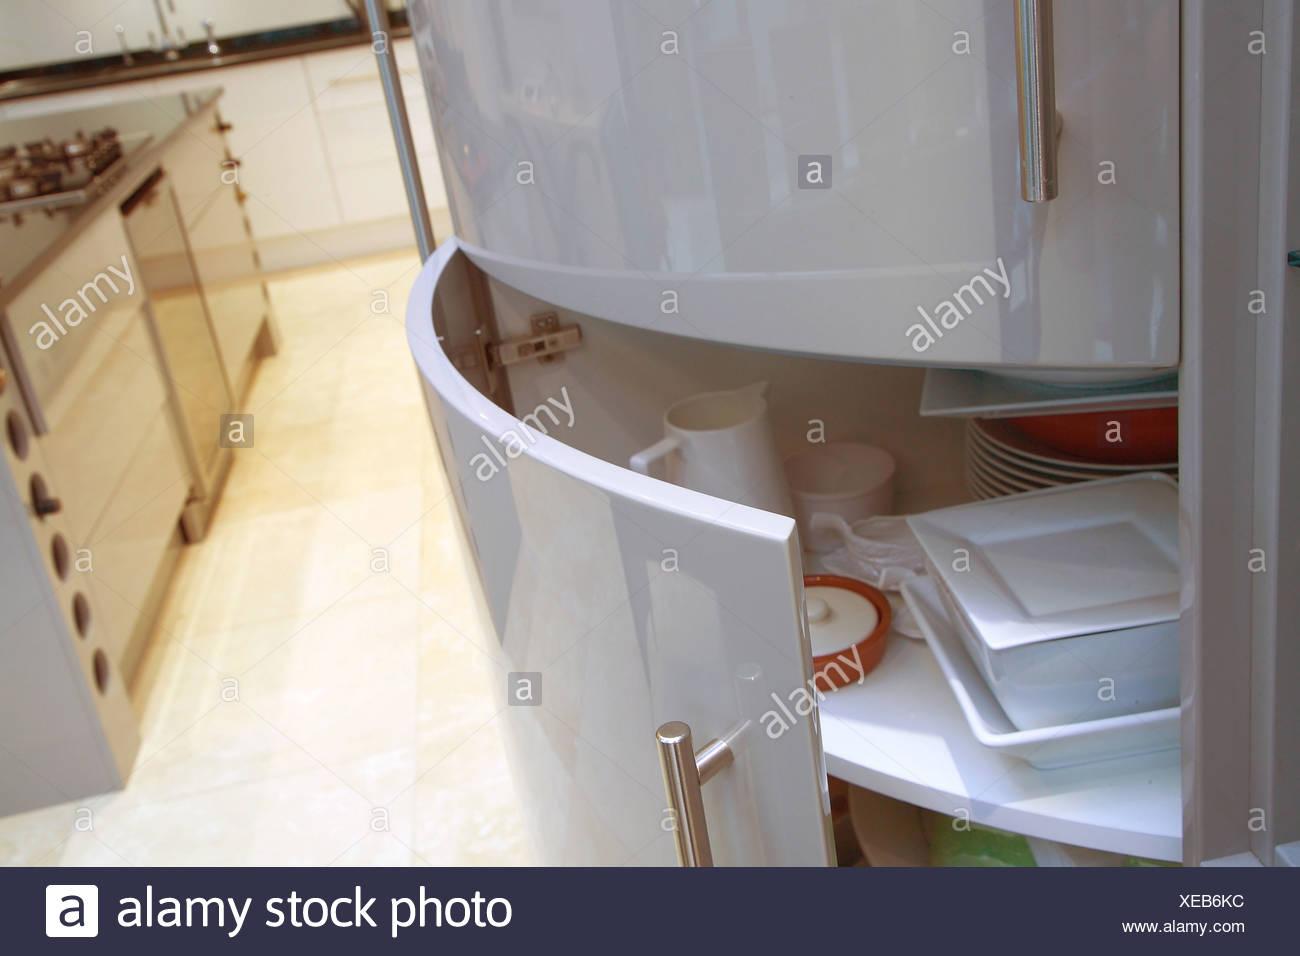 Nahaufnahme von gekrümmten Küche Schranktür offen zeigen, Geschirr ...